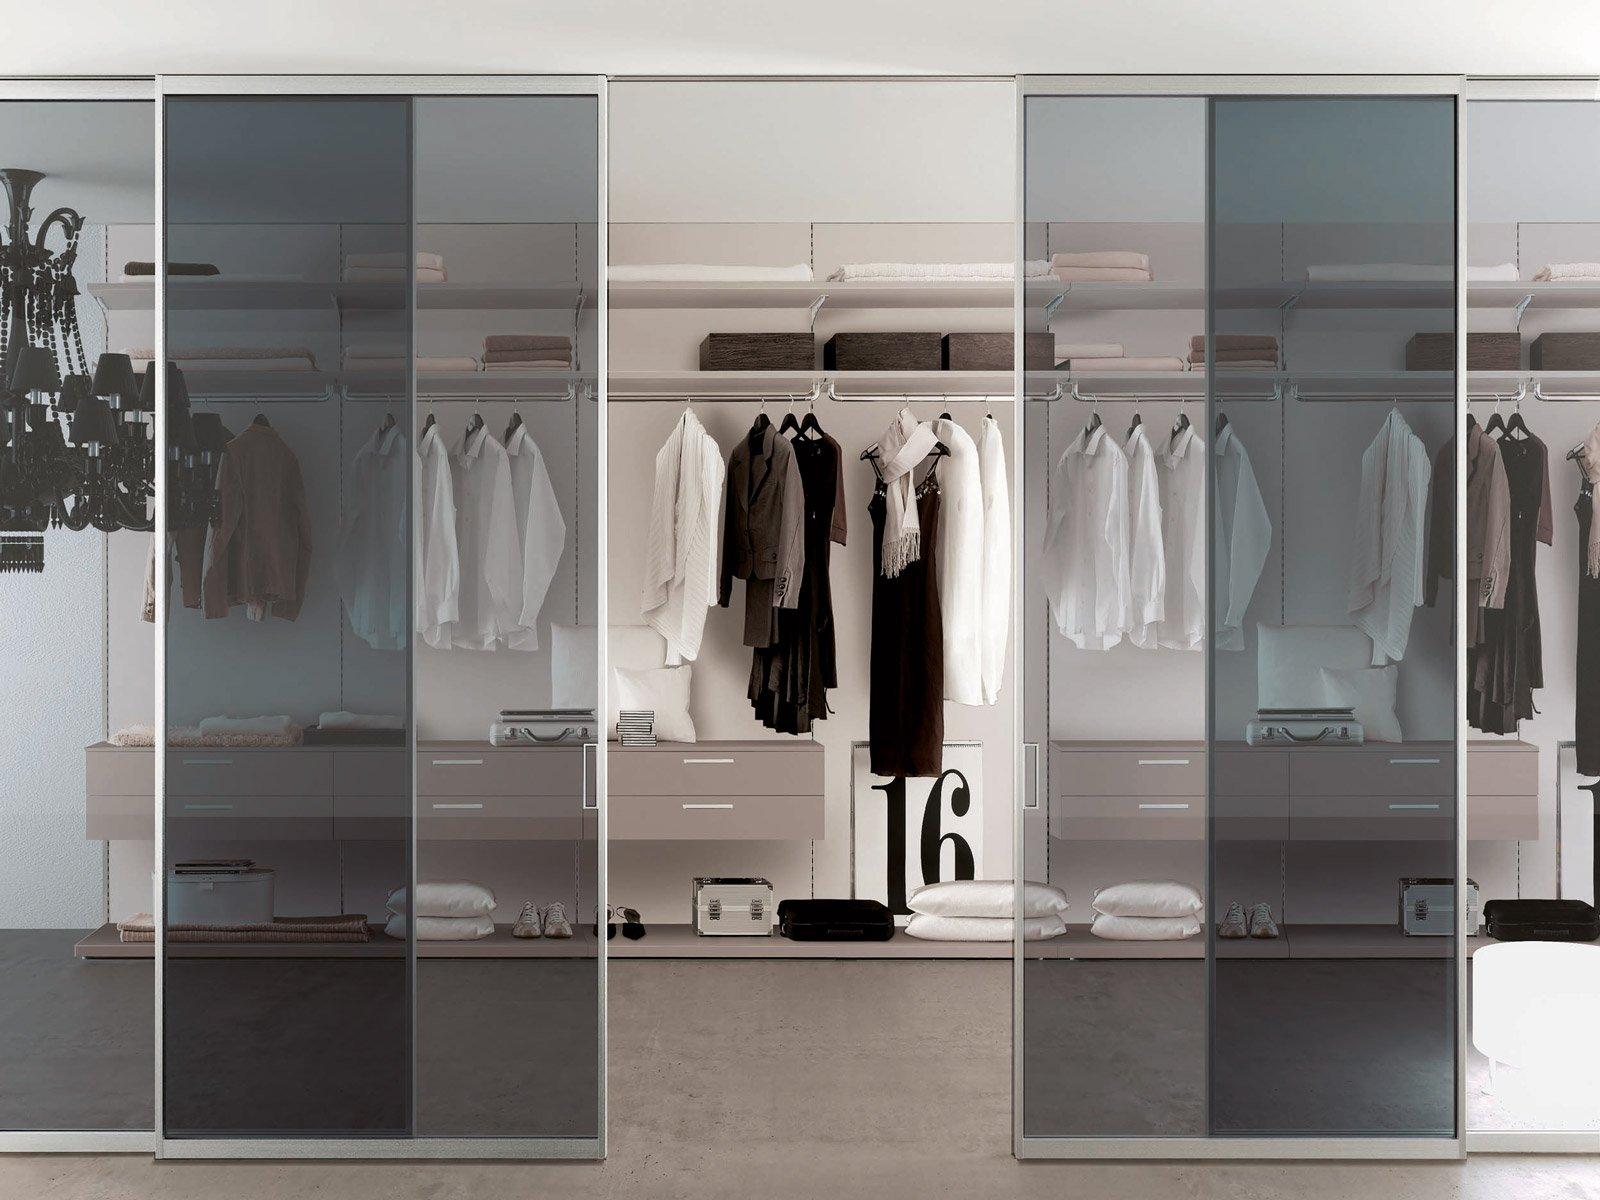 Isaloni 2015 armadi cabine cassettiere tutti da esibire - Ante per cabina armadio ...